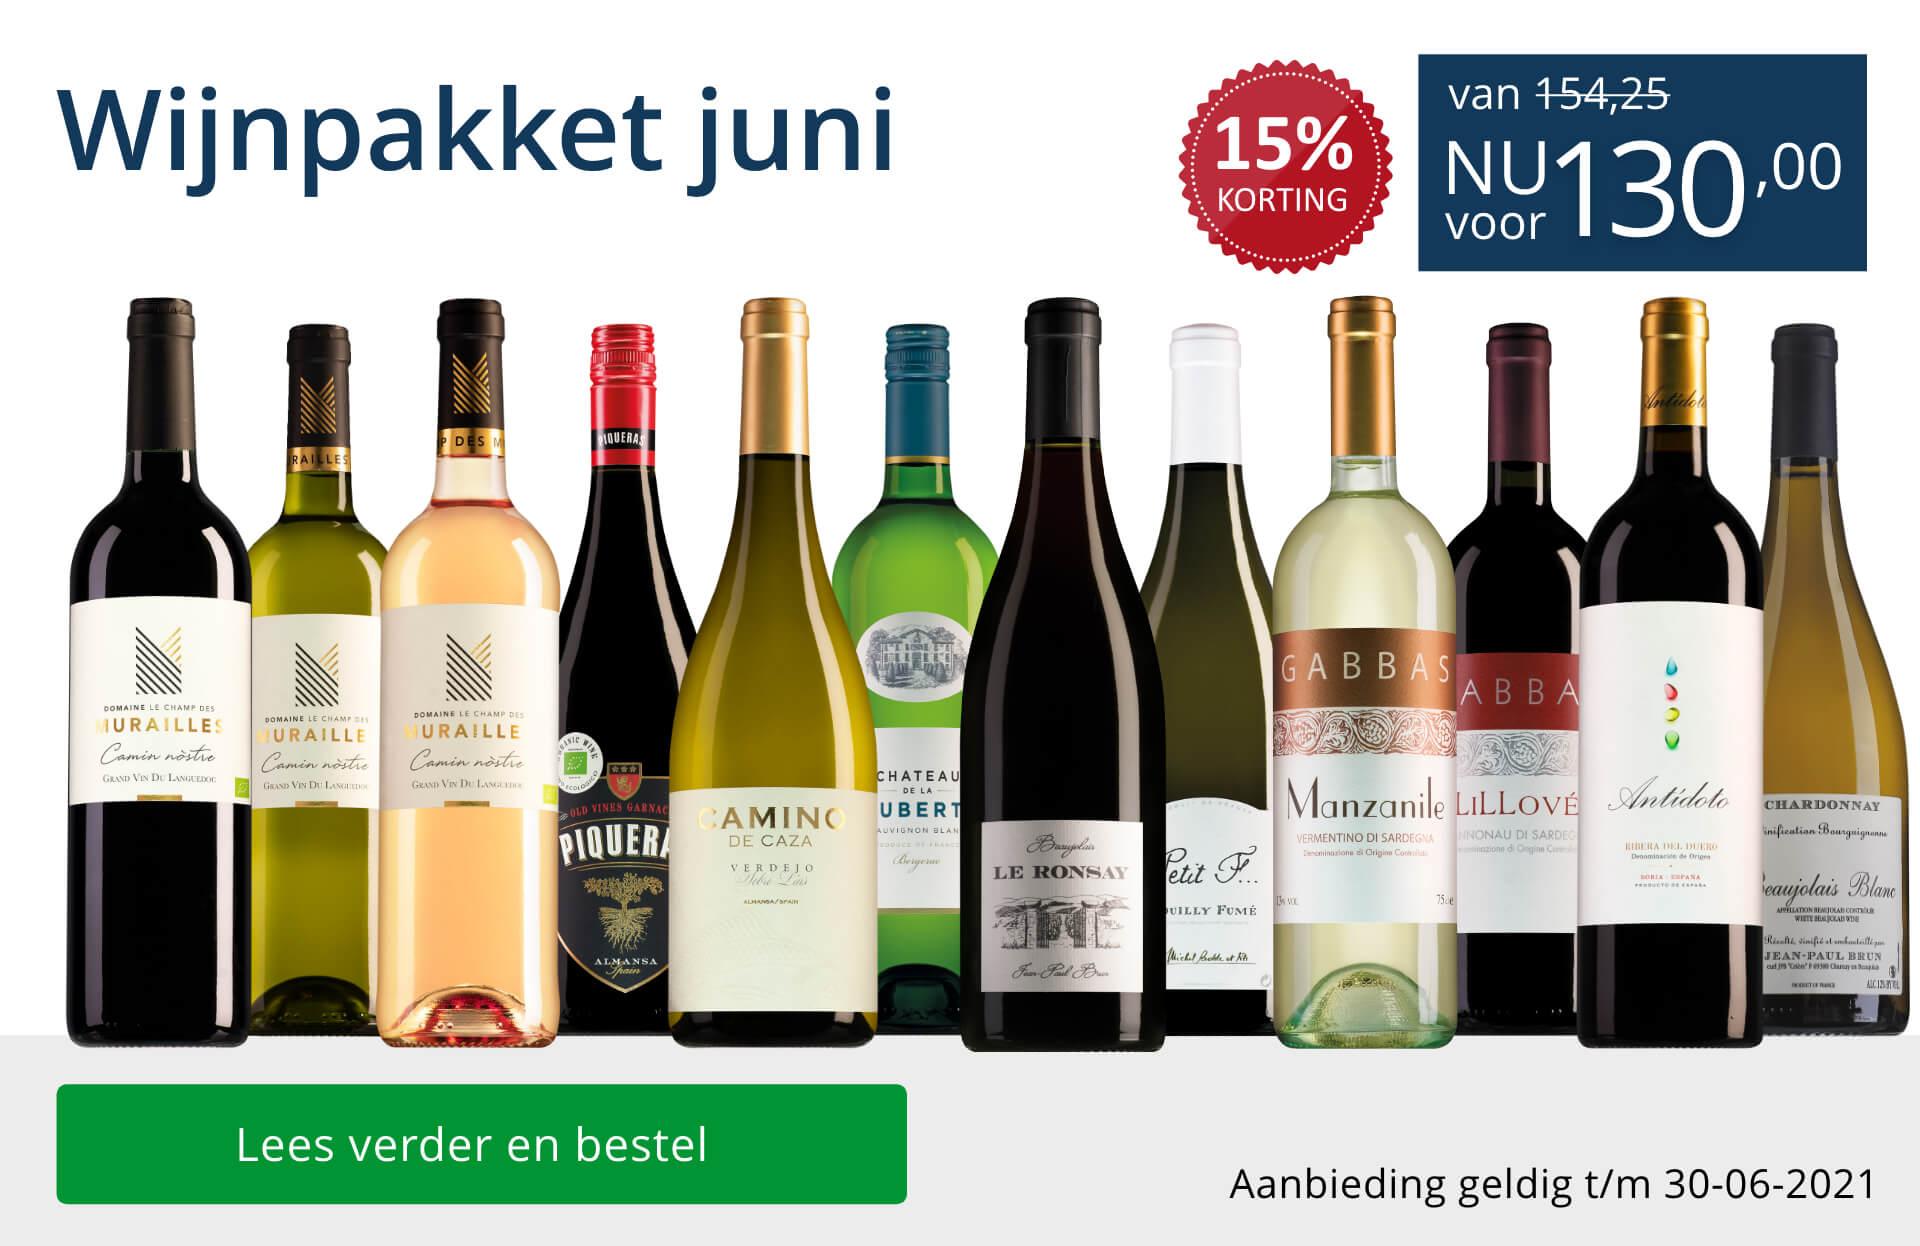 Wijnpakket wijnbericht juni 2021(130,00) - blauw